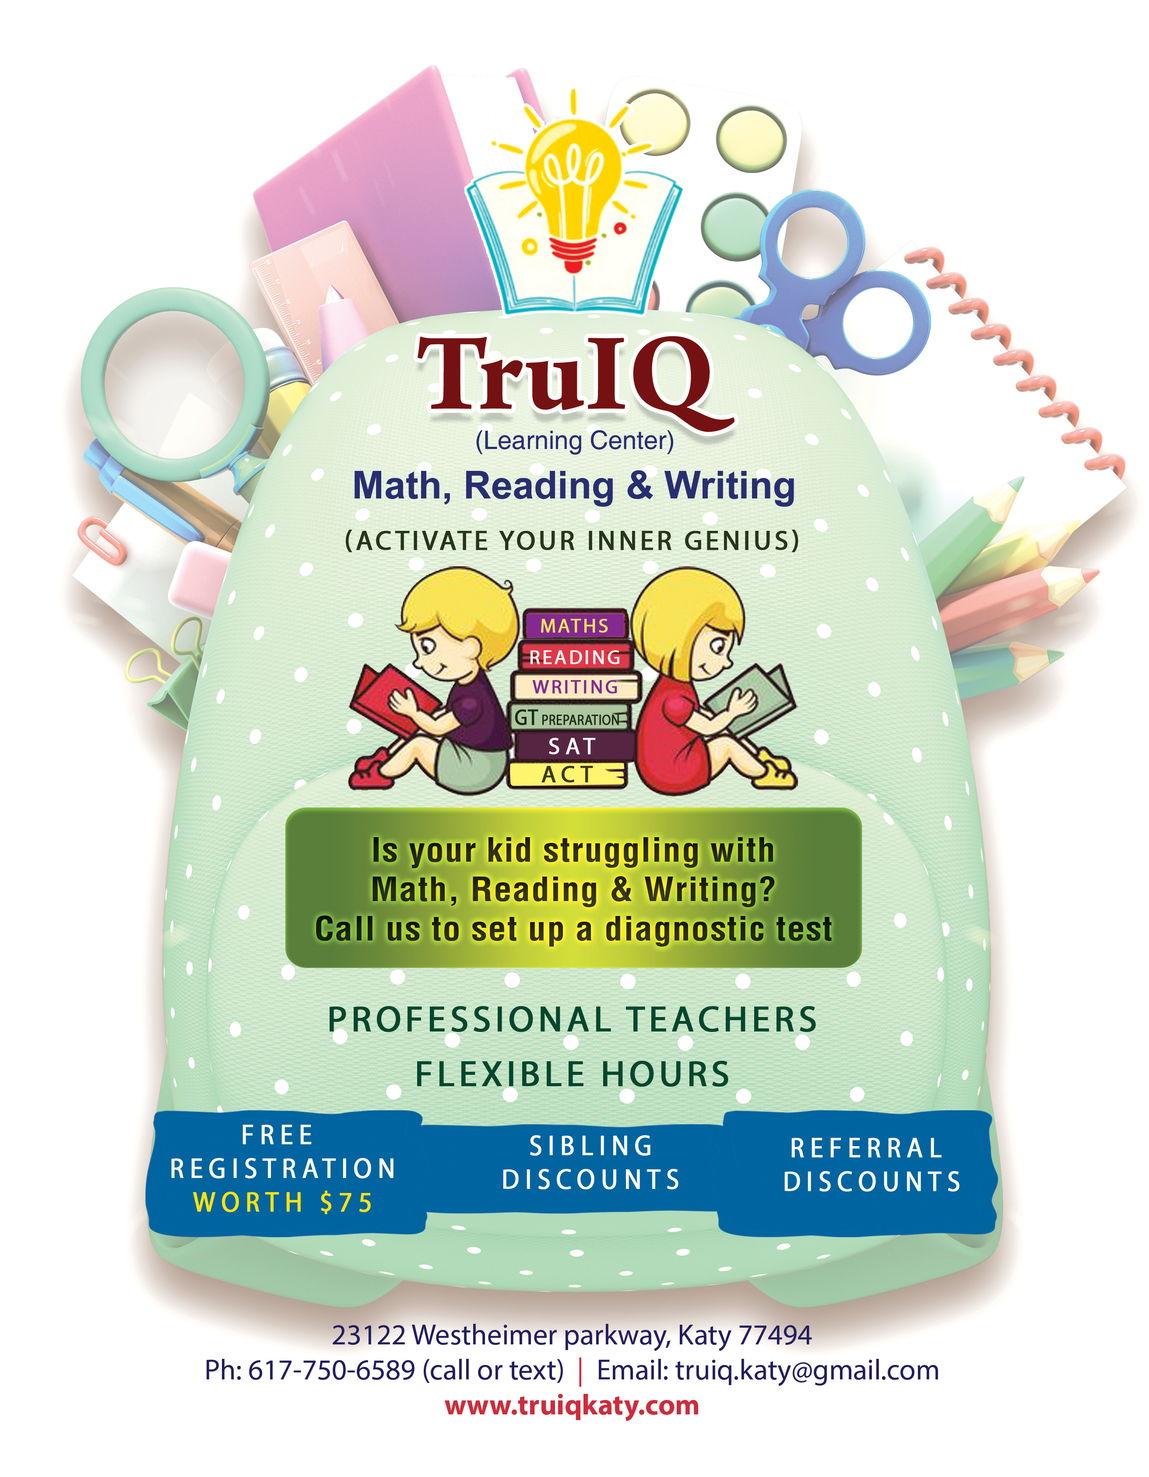 TruIQ Math Reading